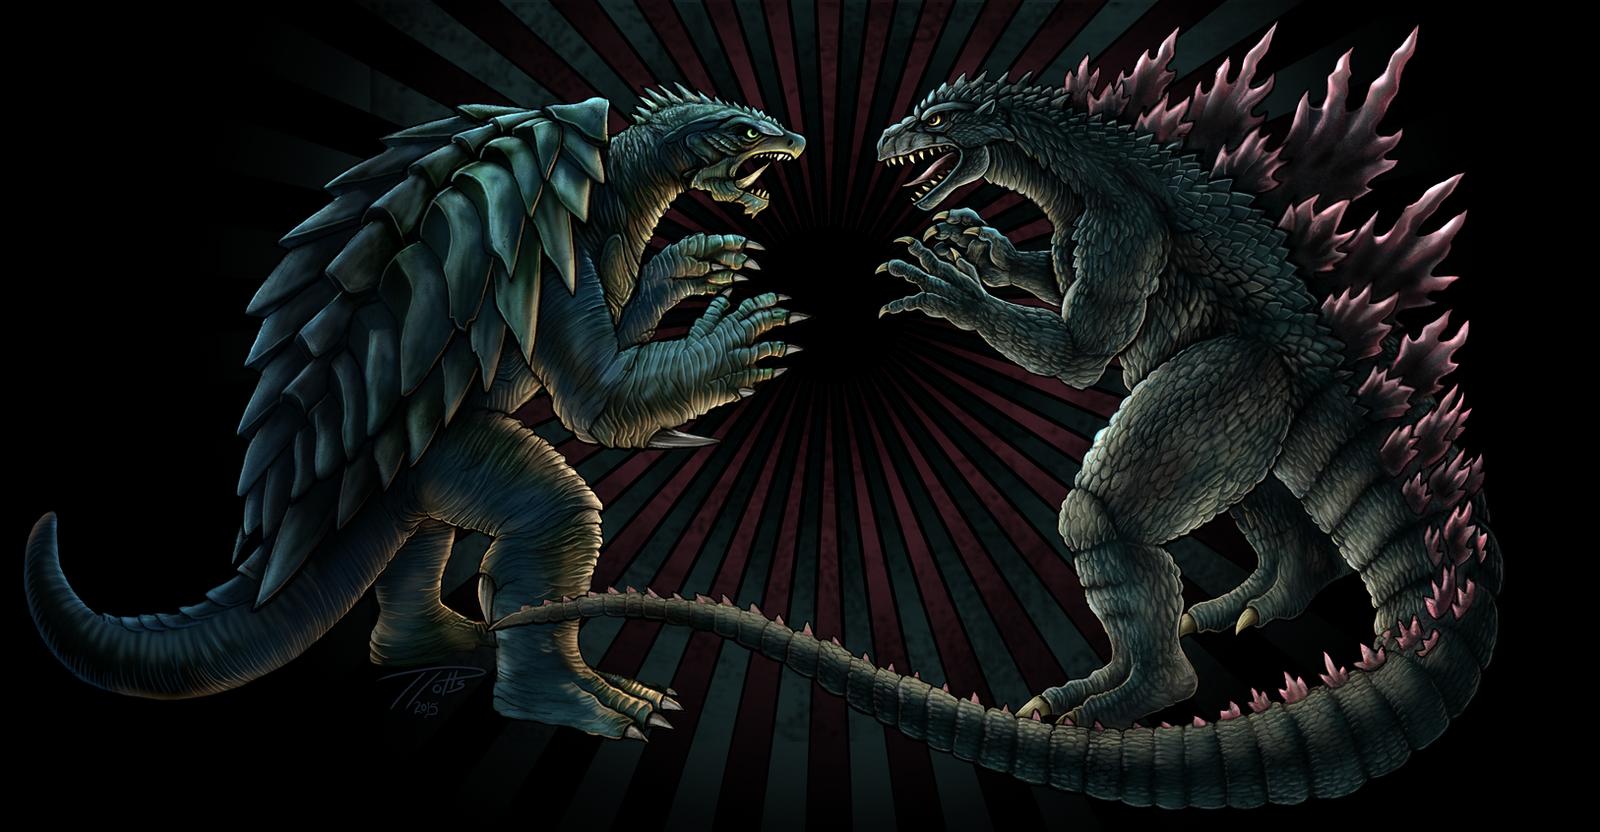 Godzilla vs Gamera by DragonosX